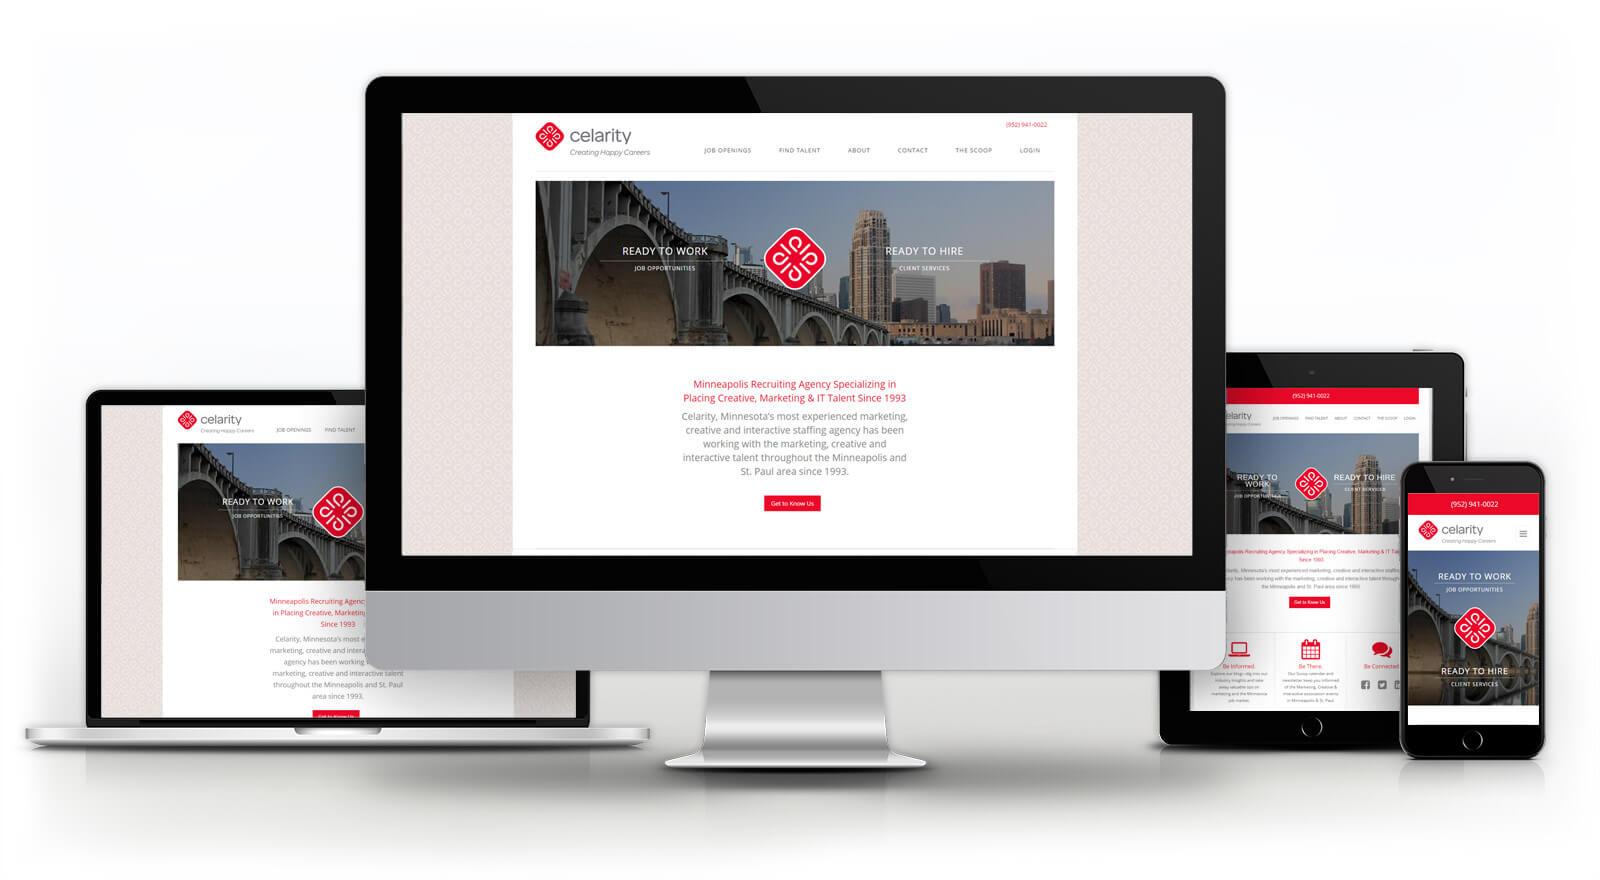 Celarity - Website